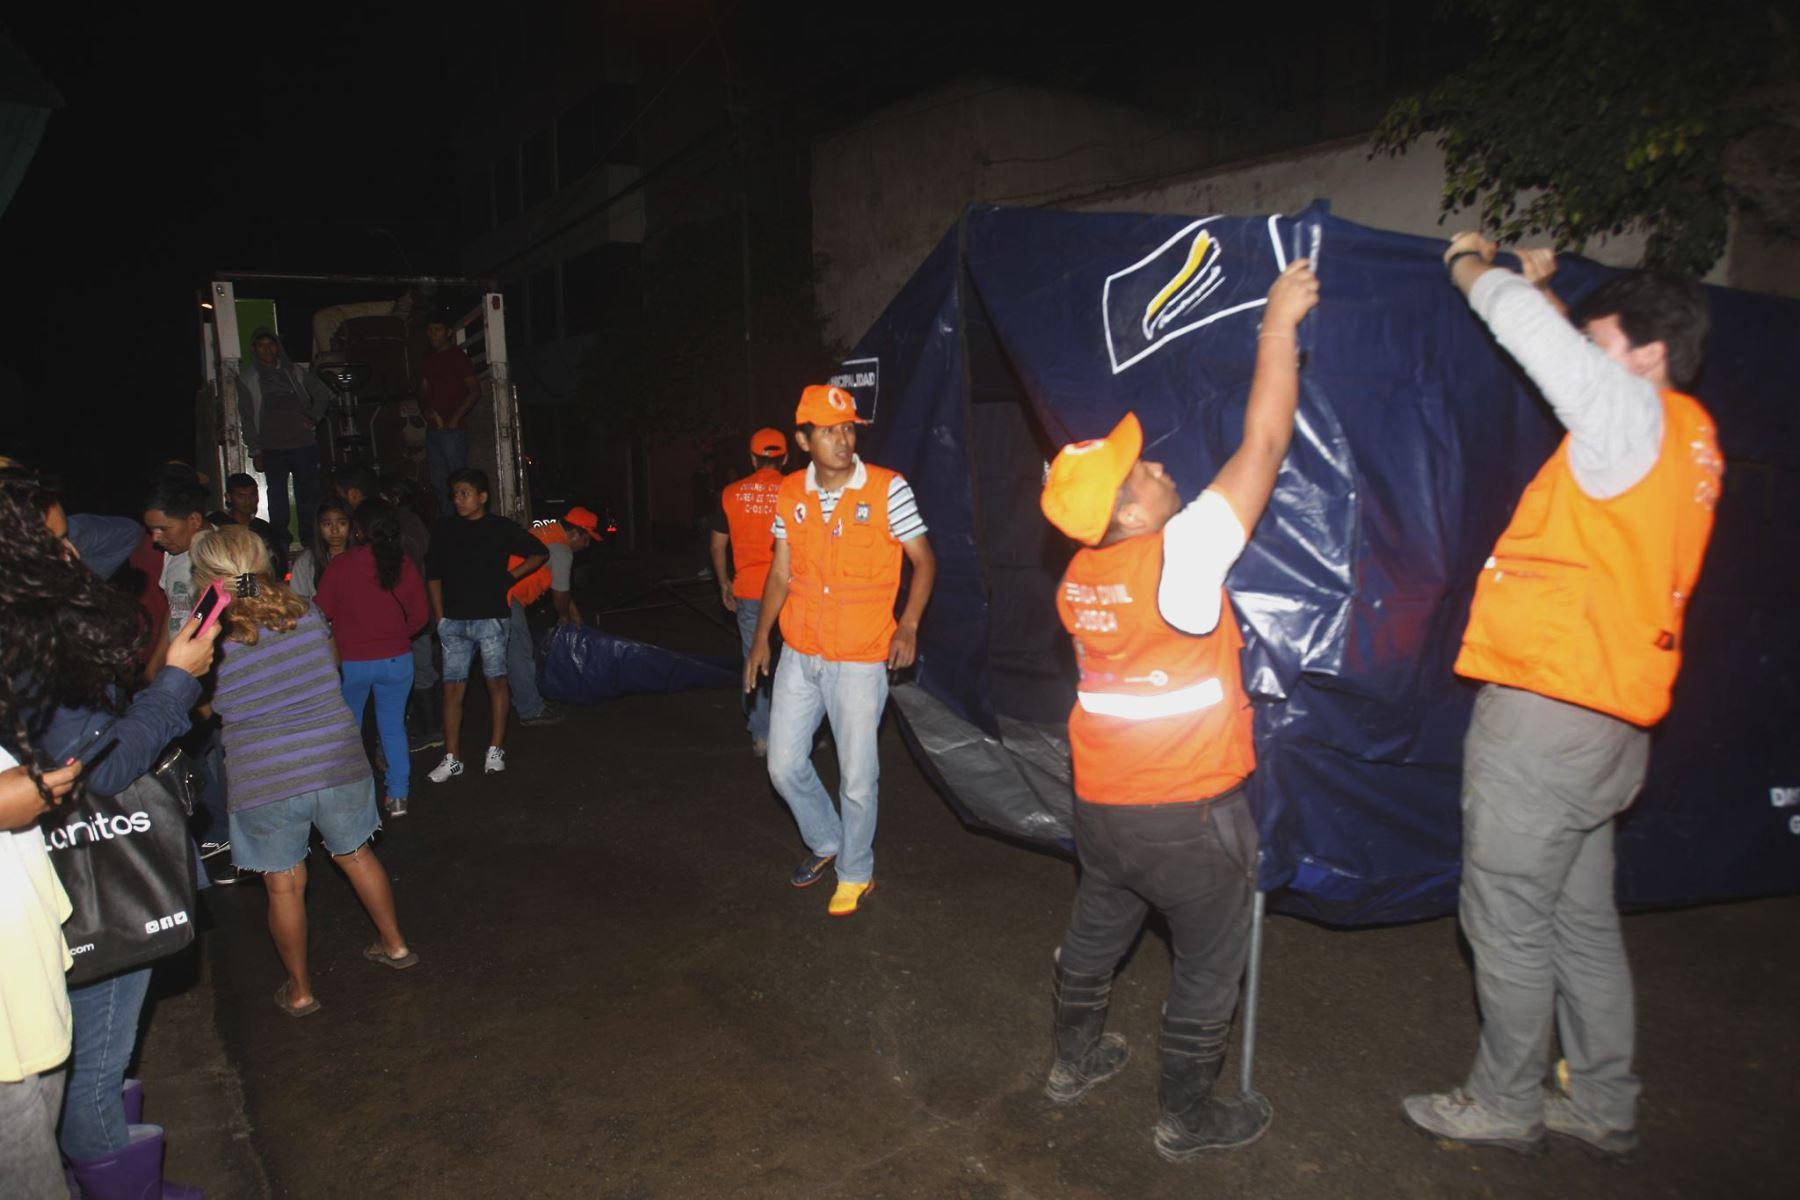 Se realizan labores de limpieza en viviendas inundadas en Chosica. Foto: ANDINA/Eddy Ramos.